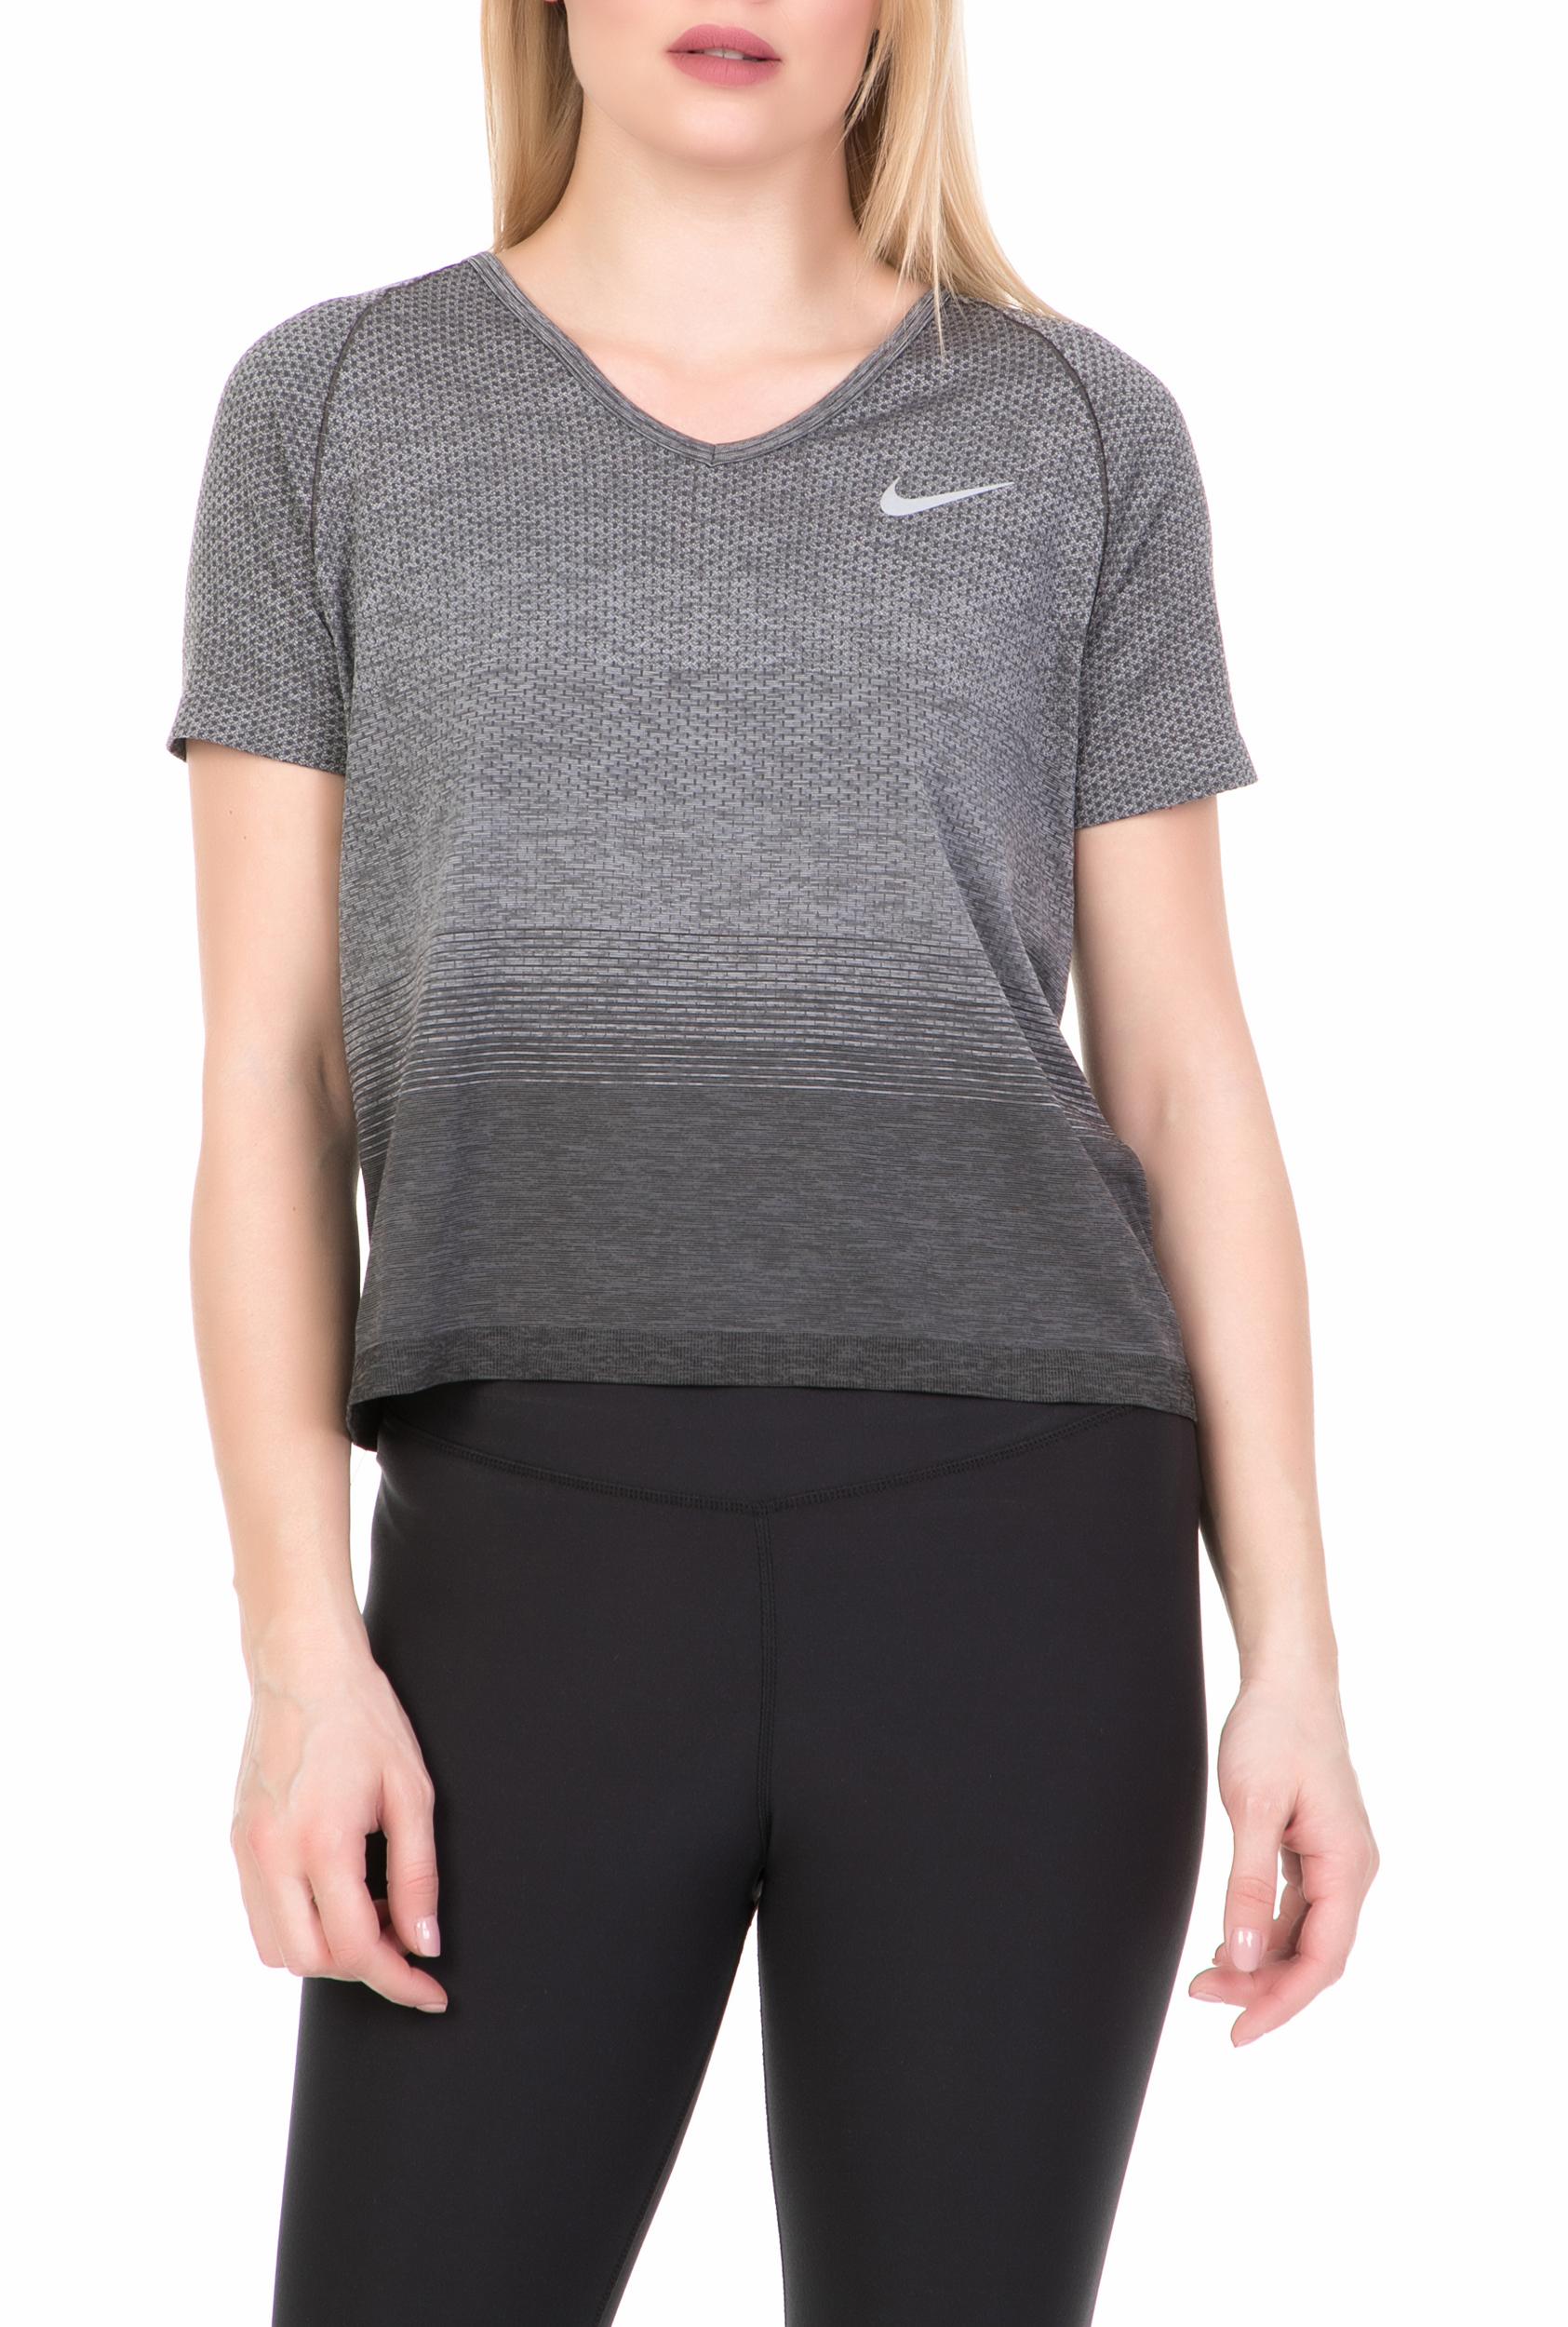 NIKE - Γυναικεία κοντομάνικη μπλούζα NIKE DF KNIT γκρι